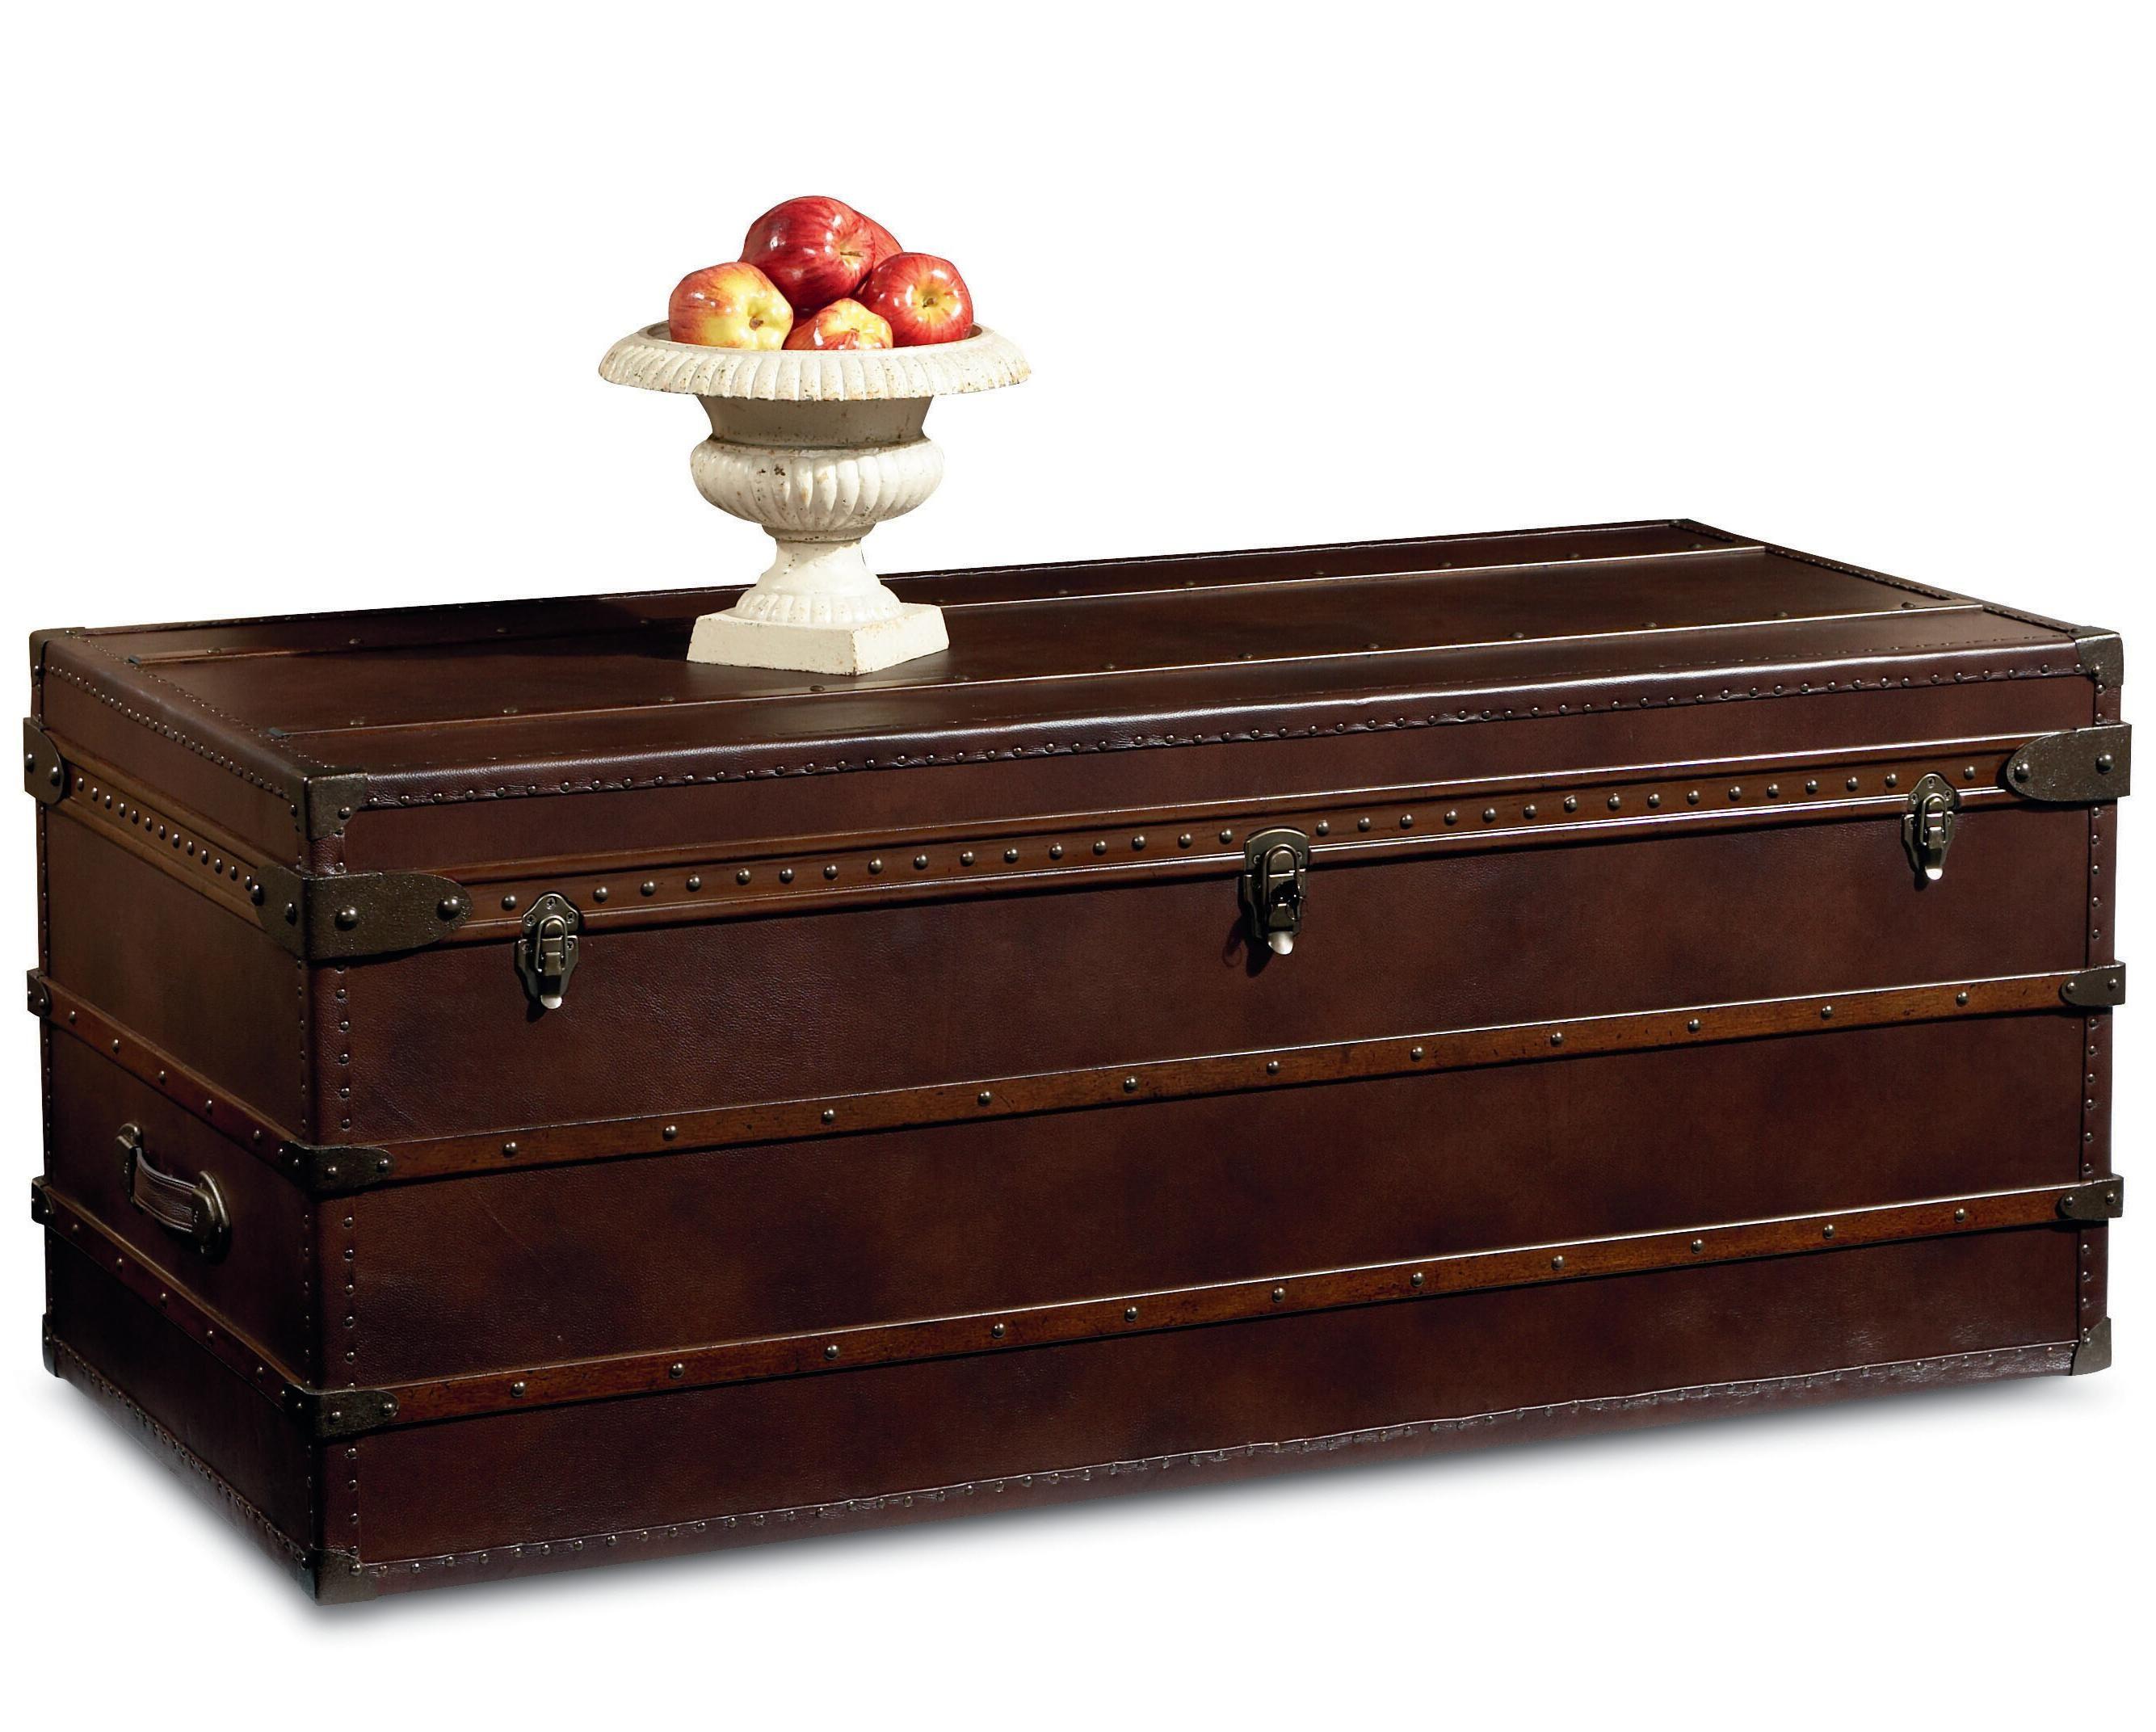 Elizabeth ii leather steamer trunk by broyhill furniture home elizabeth ii leather steamer trunk by broyhill furniture geotapseo Images